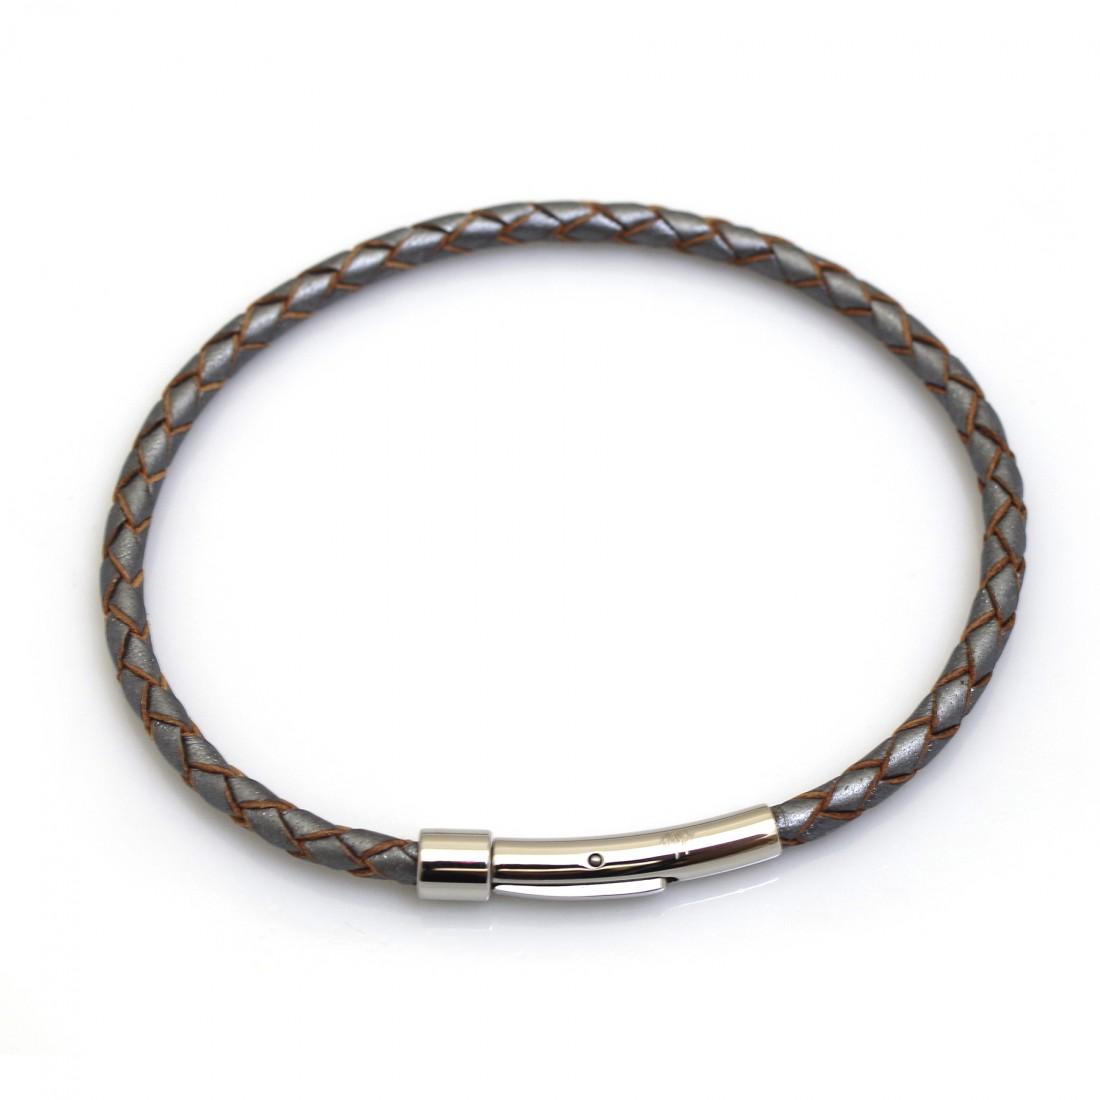 Single Fox Plait Leather Bracelet